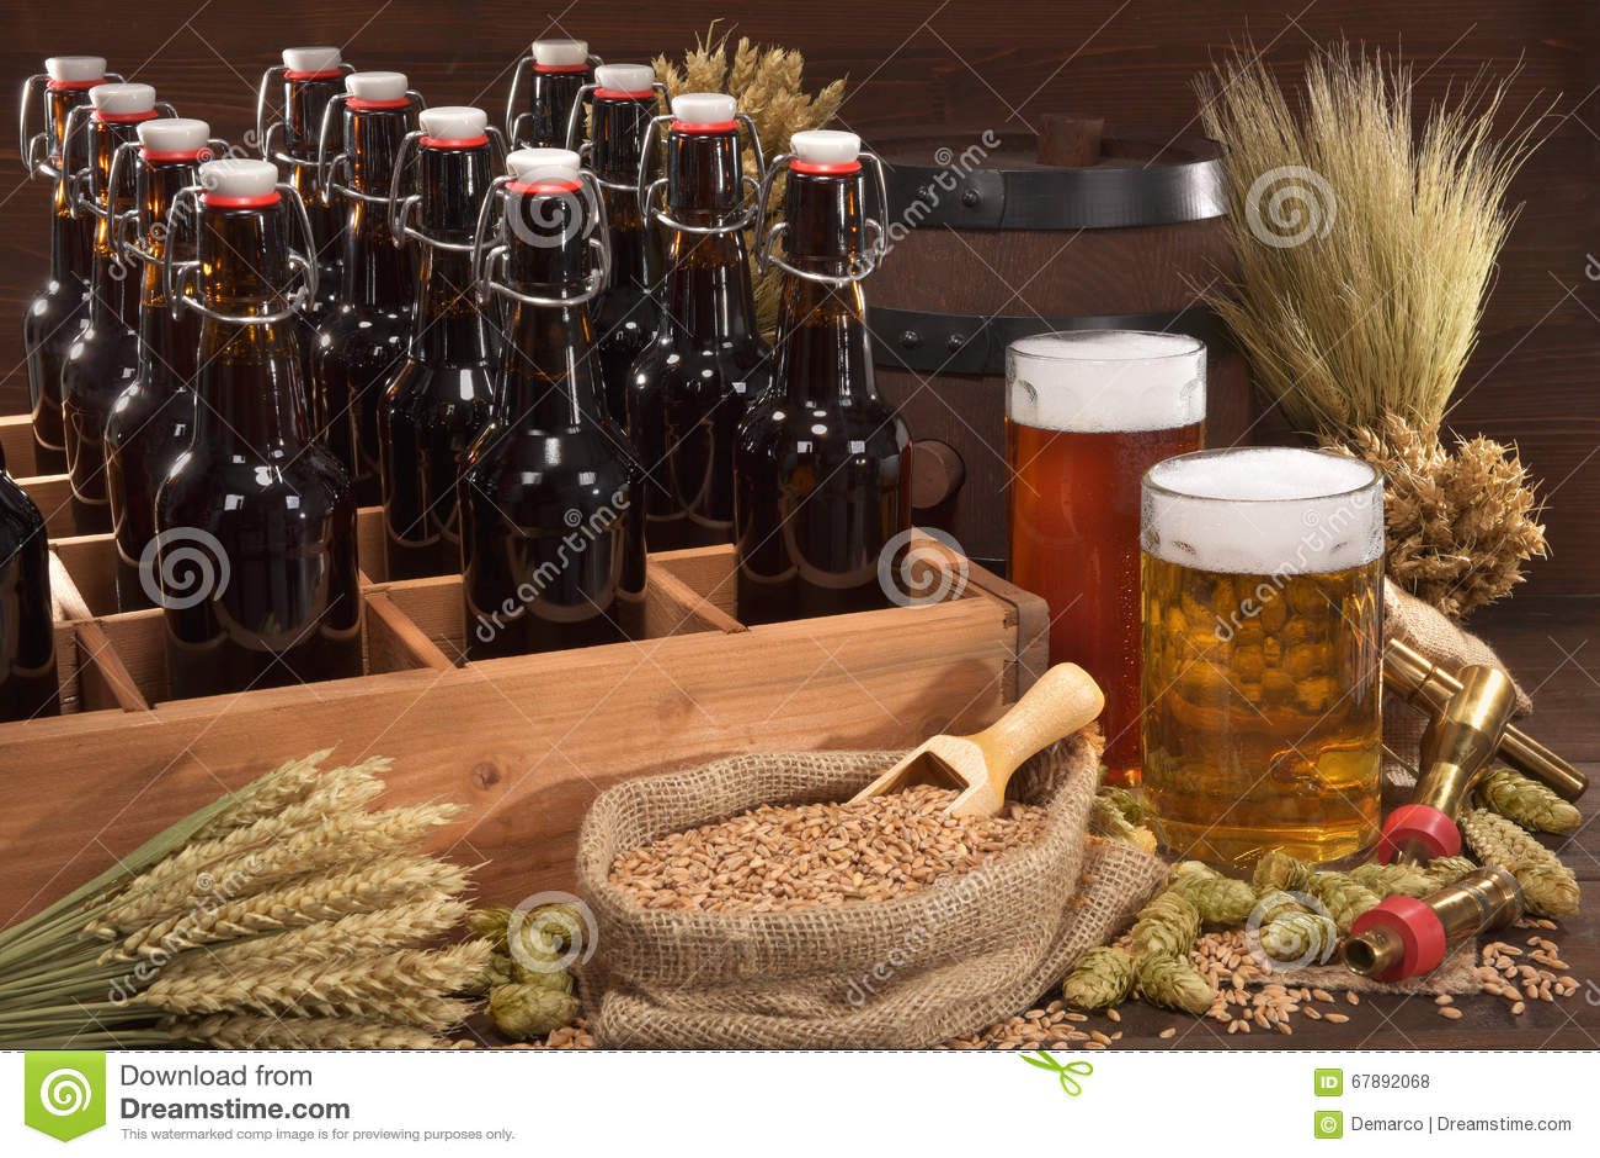 有啤酒杯的啤酒条板箱